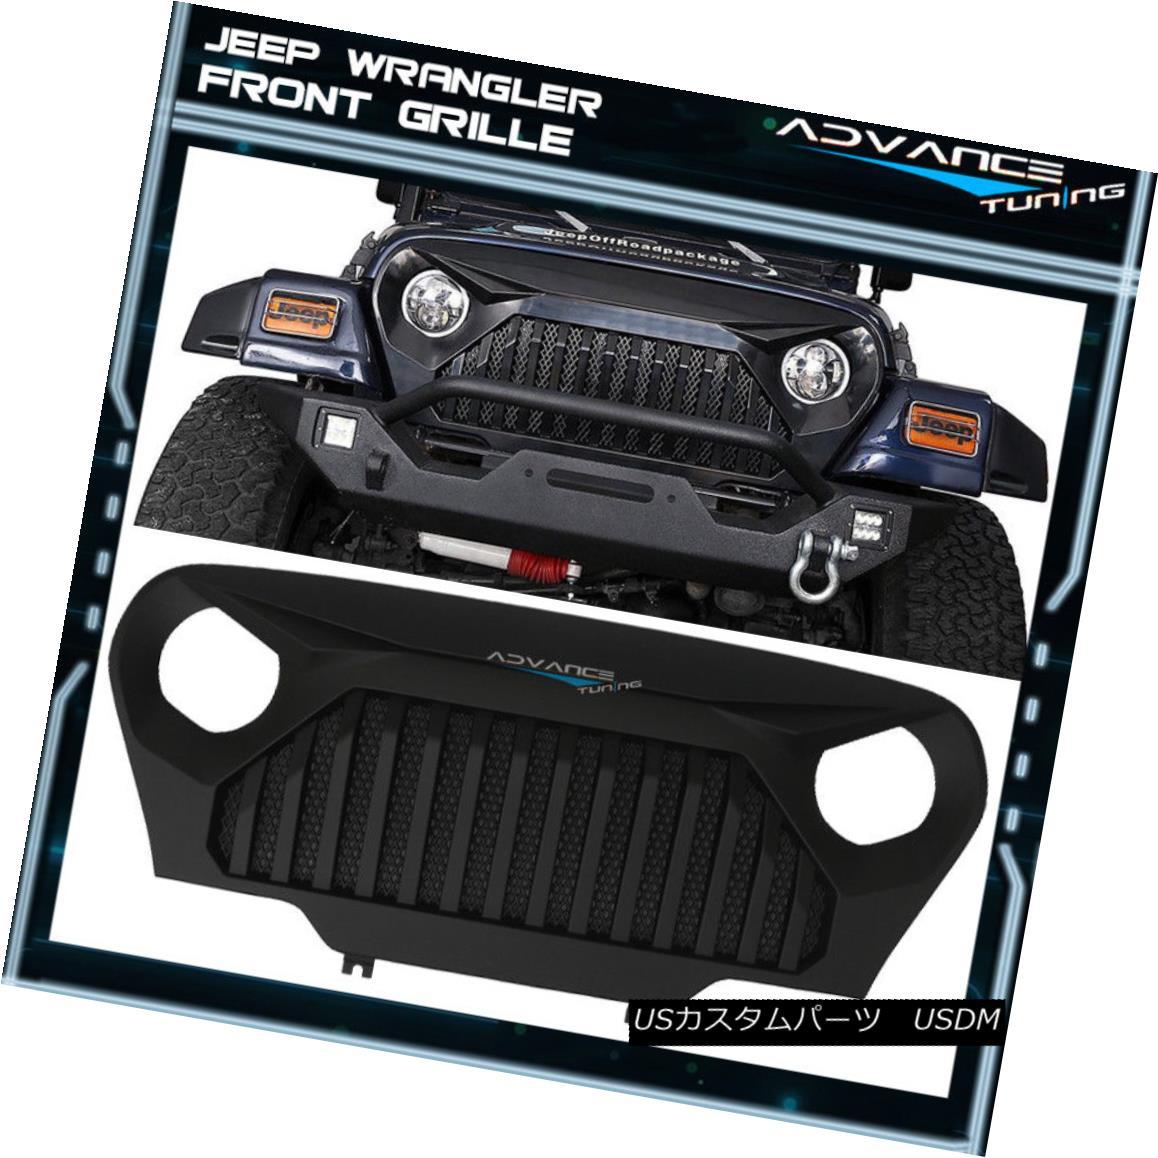 グリル For 97-06 Wrangler TJ Topfire Monster Front Hood Matte ABS Mesh Grill 97-06ラングラーTJトップファイアモンスターフロントフードマットABSメッシュグリル